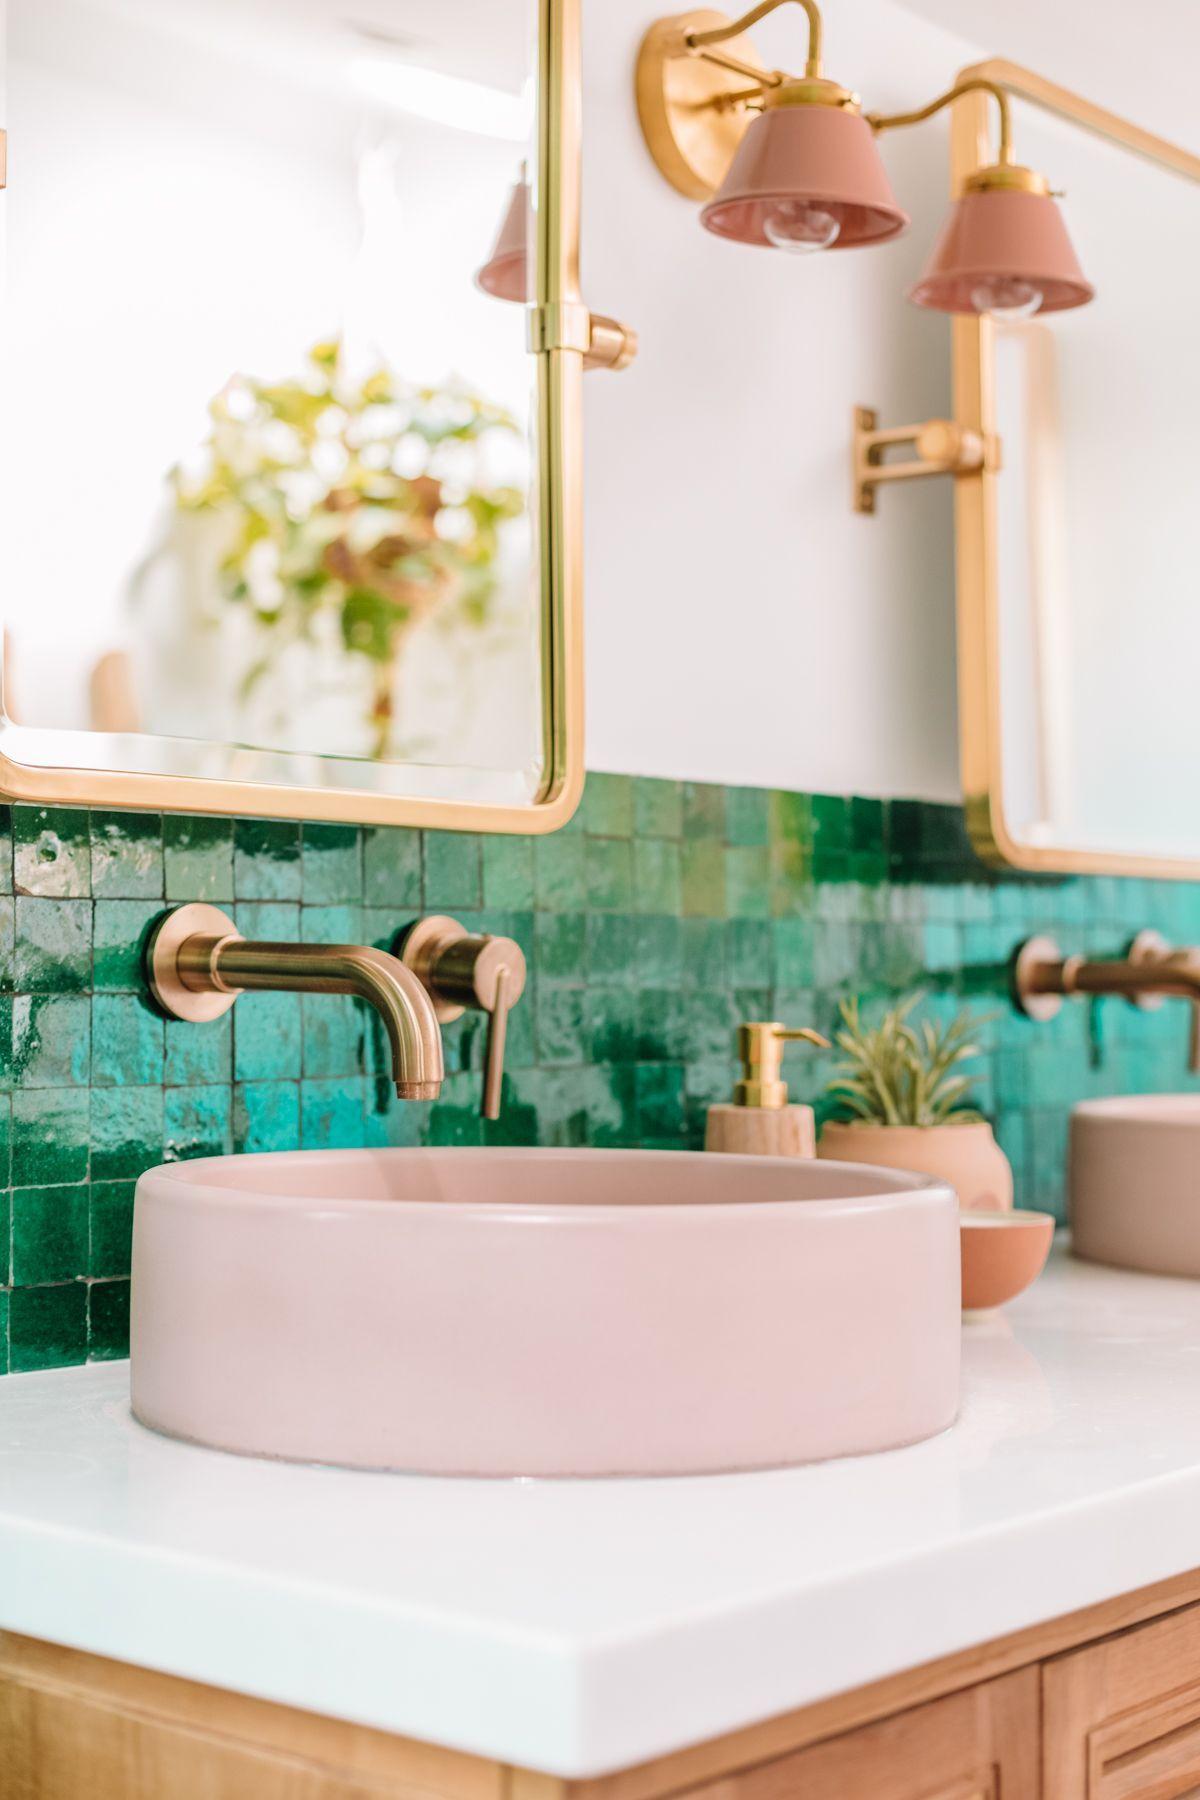 The Mindwelling Unser Hauptbadezimmer Enthullen Jadegrune Zellige Fliesen The Mindwelling Unser H In 2020 Bathroom Mirror Bathroom Interior Bathroom Makeover